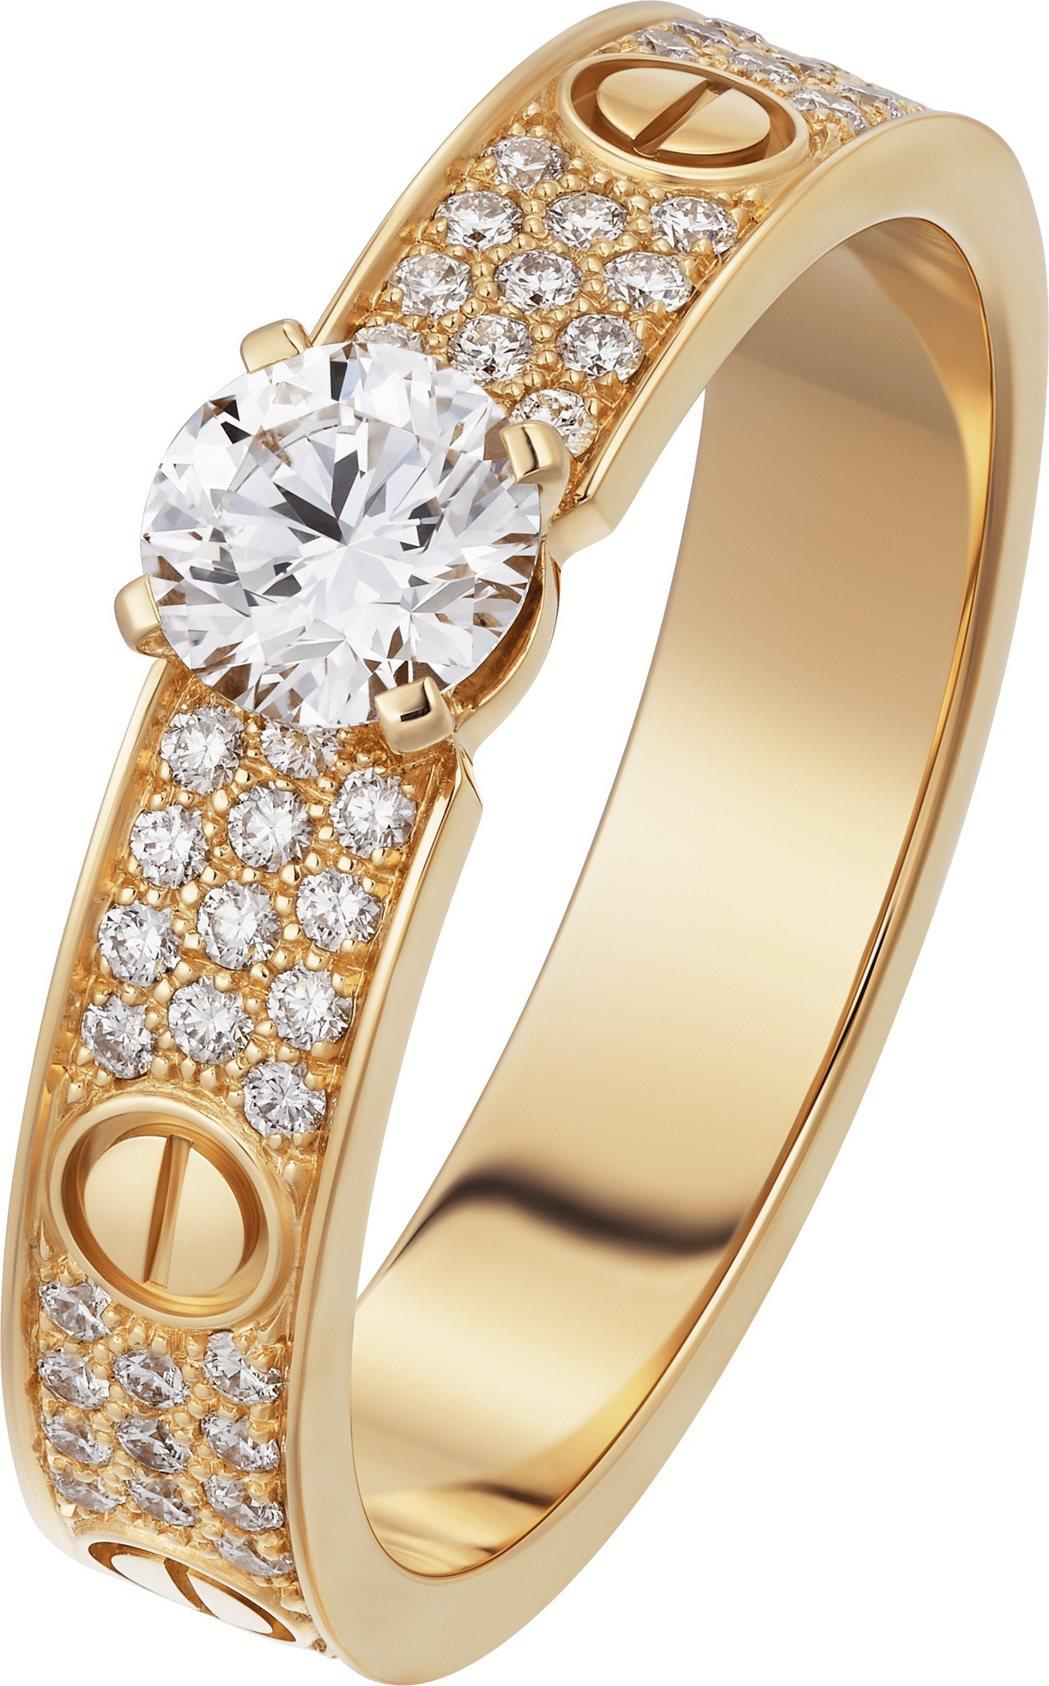 LOVE 鋪鑲單鑽戒指,玫瑰K金,鑲嵌一顆圓形明亮式切割鑽石,並鋪鑲上圓形明亮式...